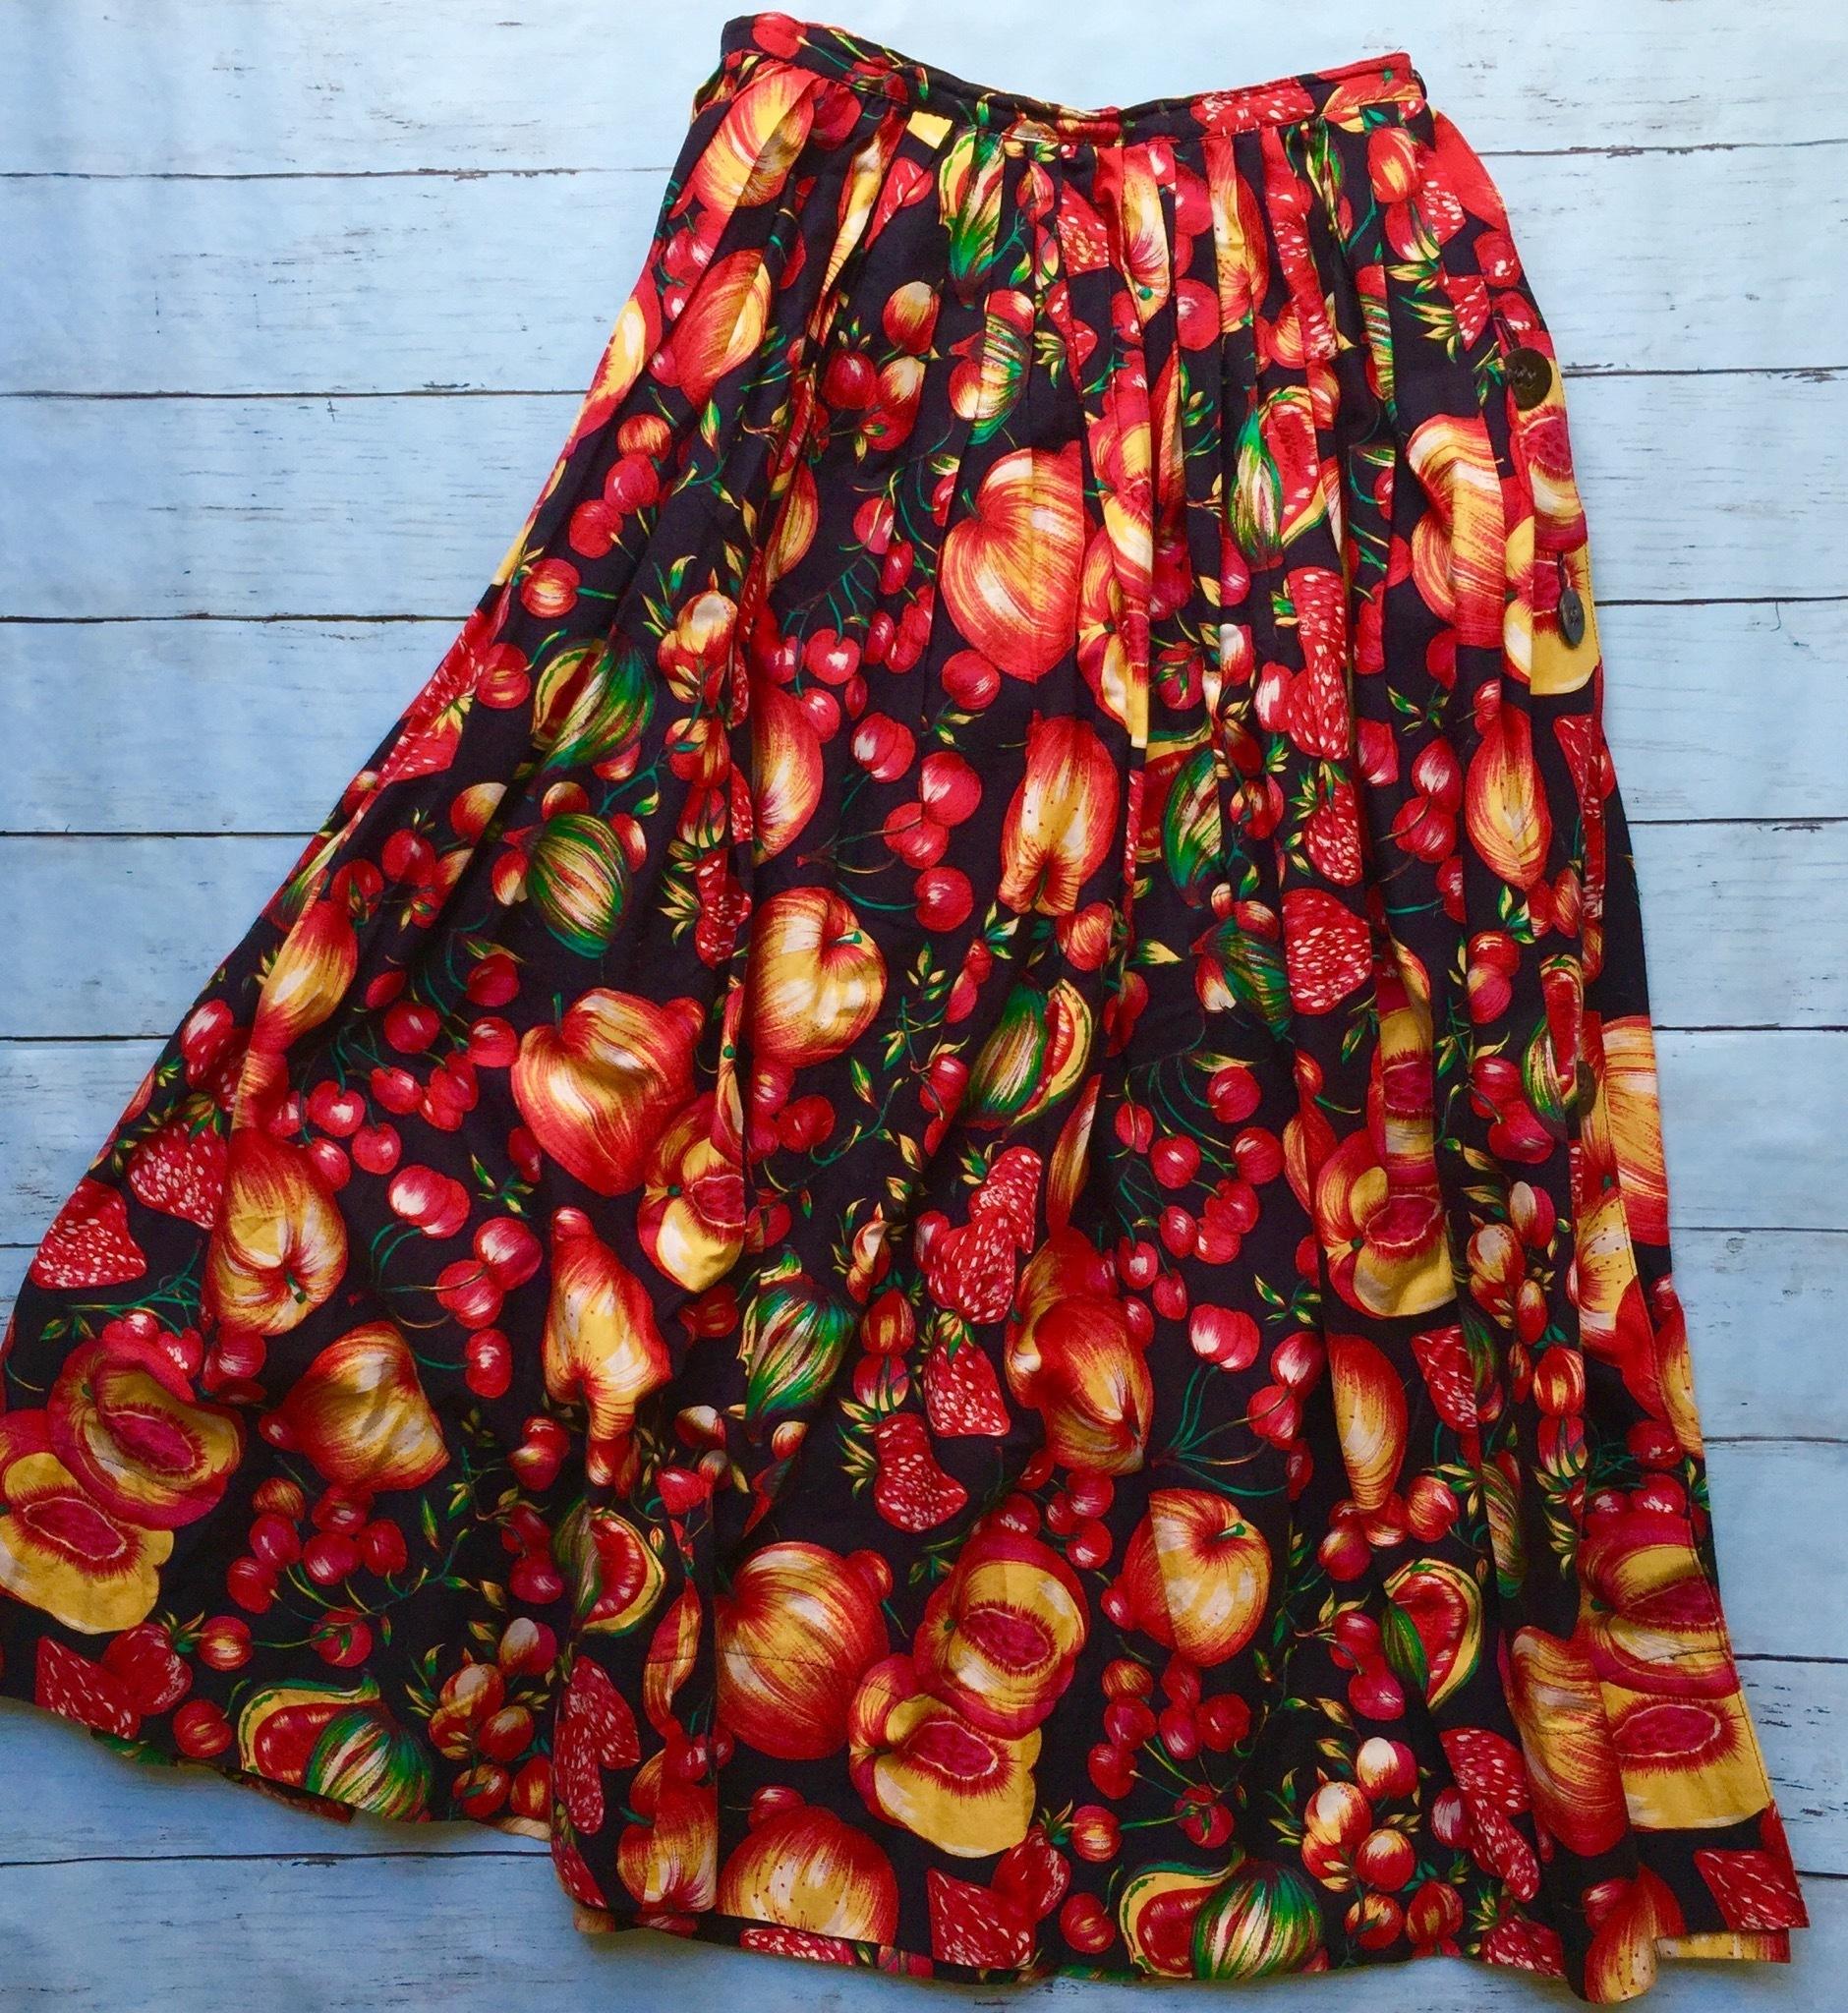 やっぱりスカートが大好き!プチプラから1点ものまでお気に入りの1枚【マリソル美女組ブログPICK UP】_1_1-6